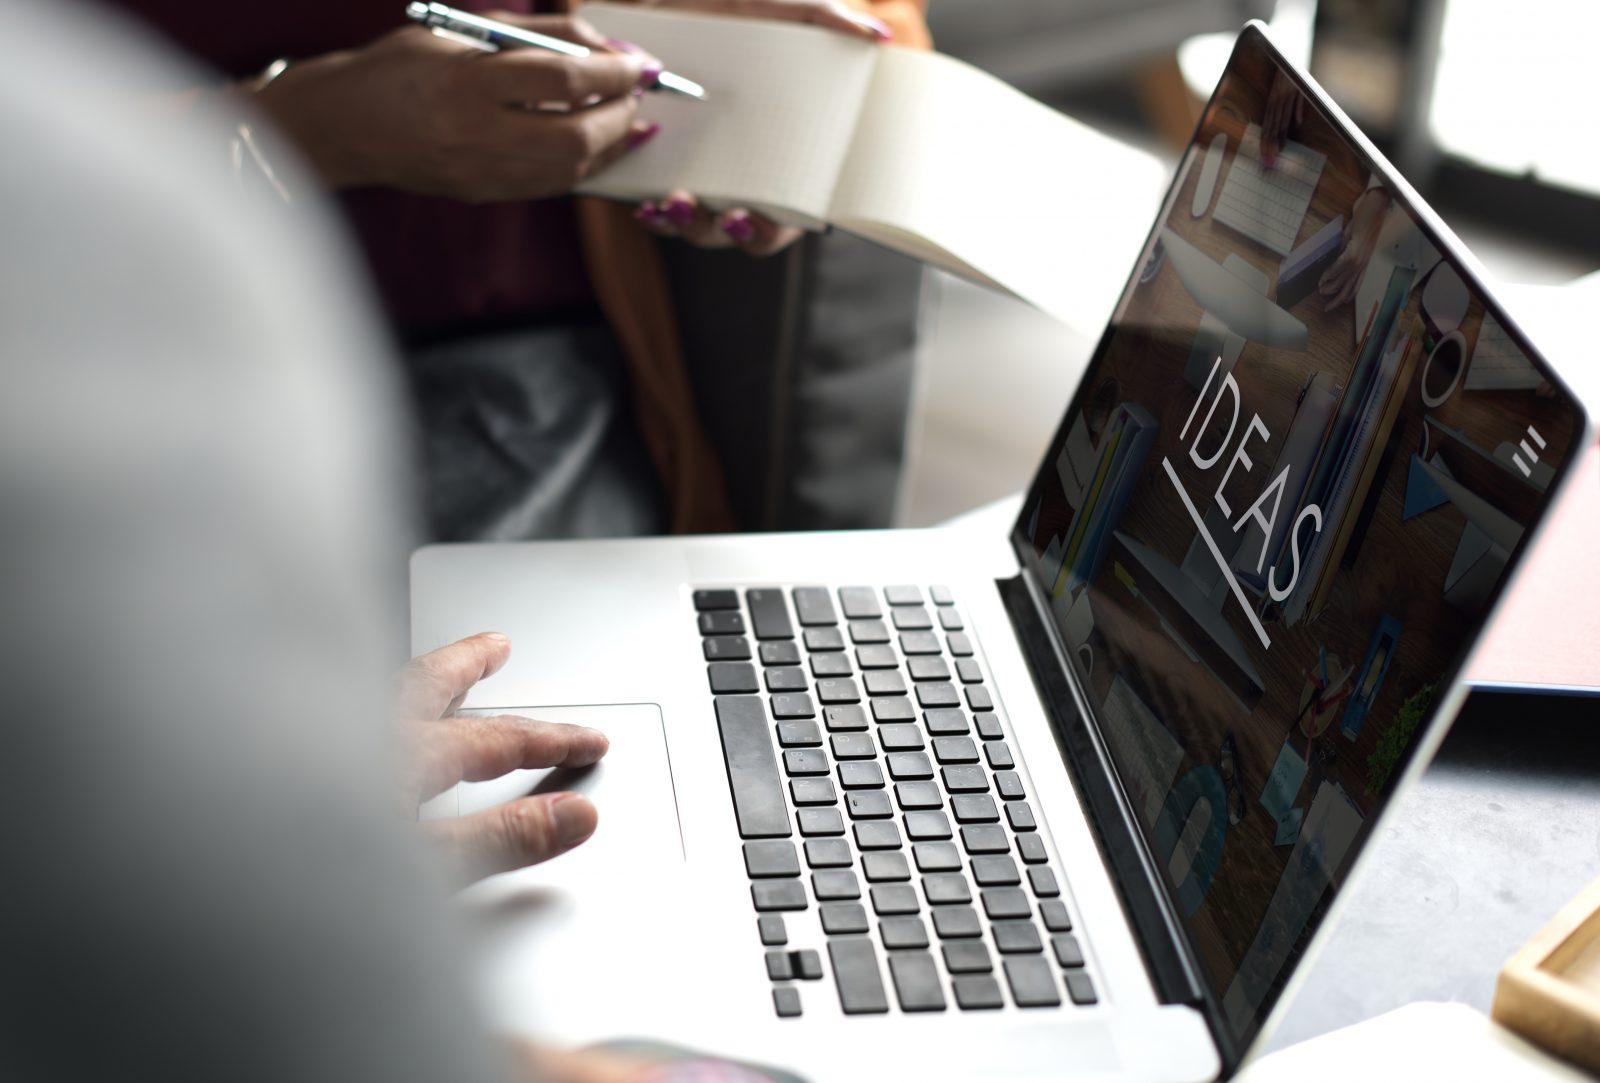 È importante avere un blog? sicuramente si, ma bisogna avere l'idea giusta altrimenti si rischia di essere ripetitivi.